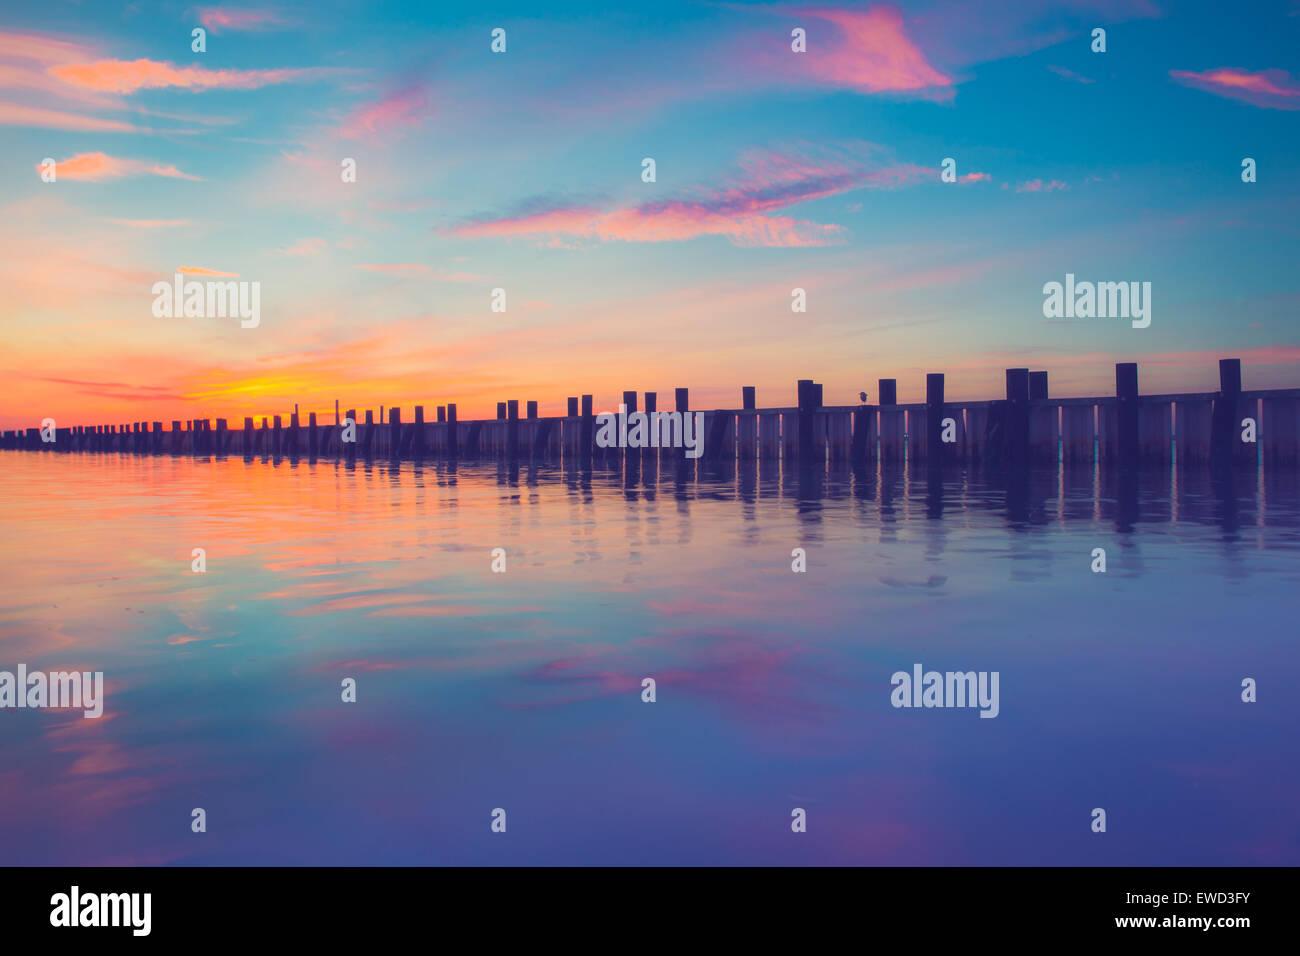 Splendido oceano scena con molo in legno al tramonto Immagini Stock